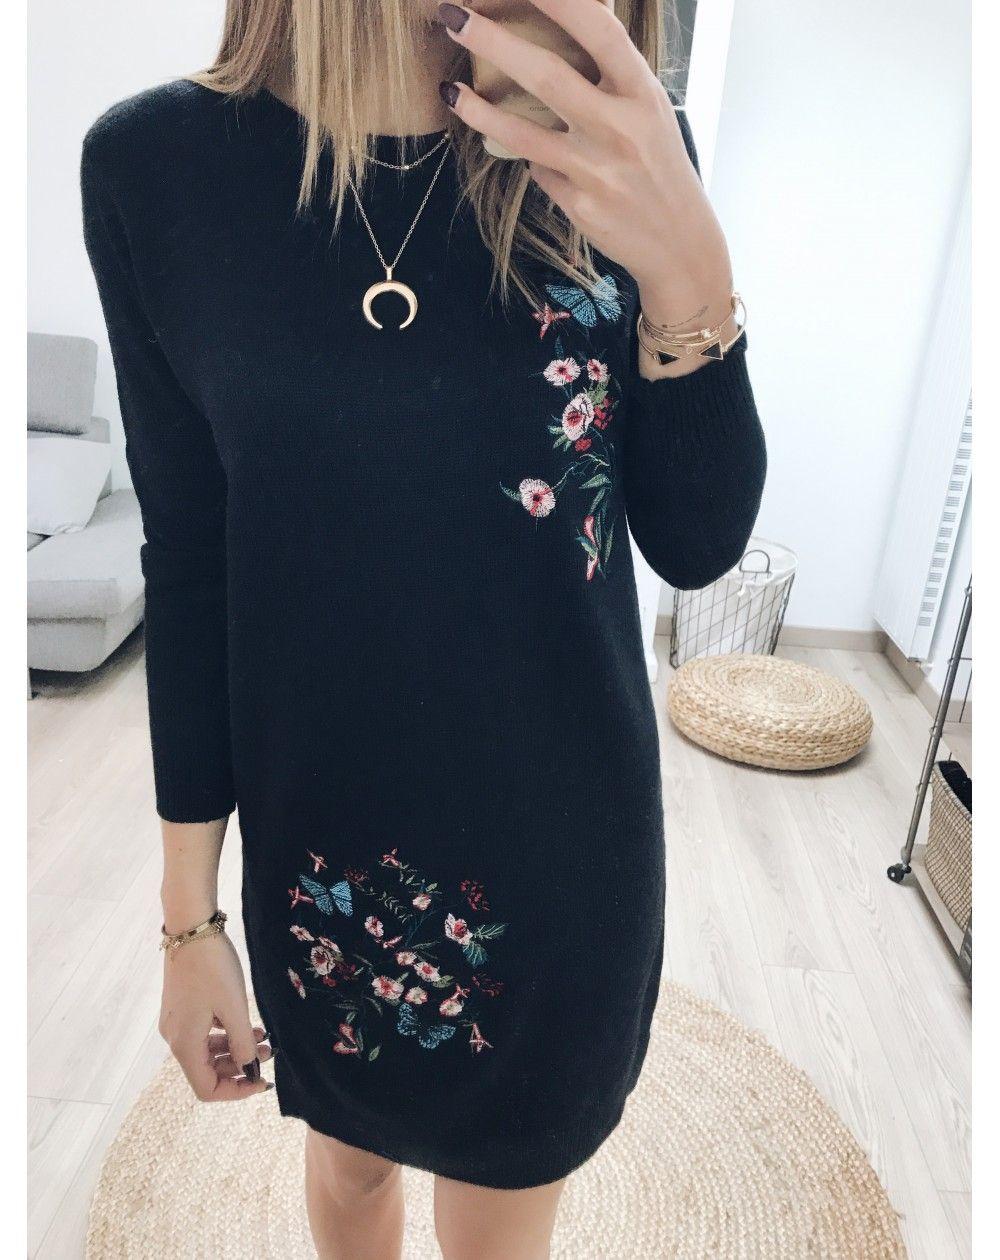 Vous cherchez une robe au look simple et élégant ? Avec cette robe légère au charme fou, vous êtes sur de faire tourner toutes les têtes. Une robe fluide et confortable grâce à sa matiére très tendance. Je mesure 1m74 et je porte une taille S